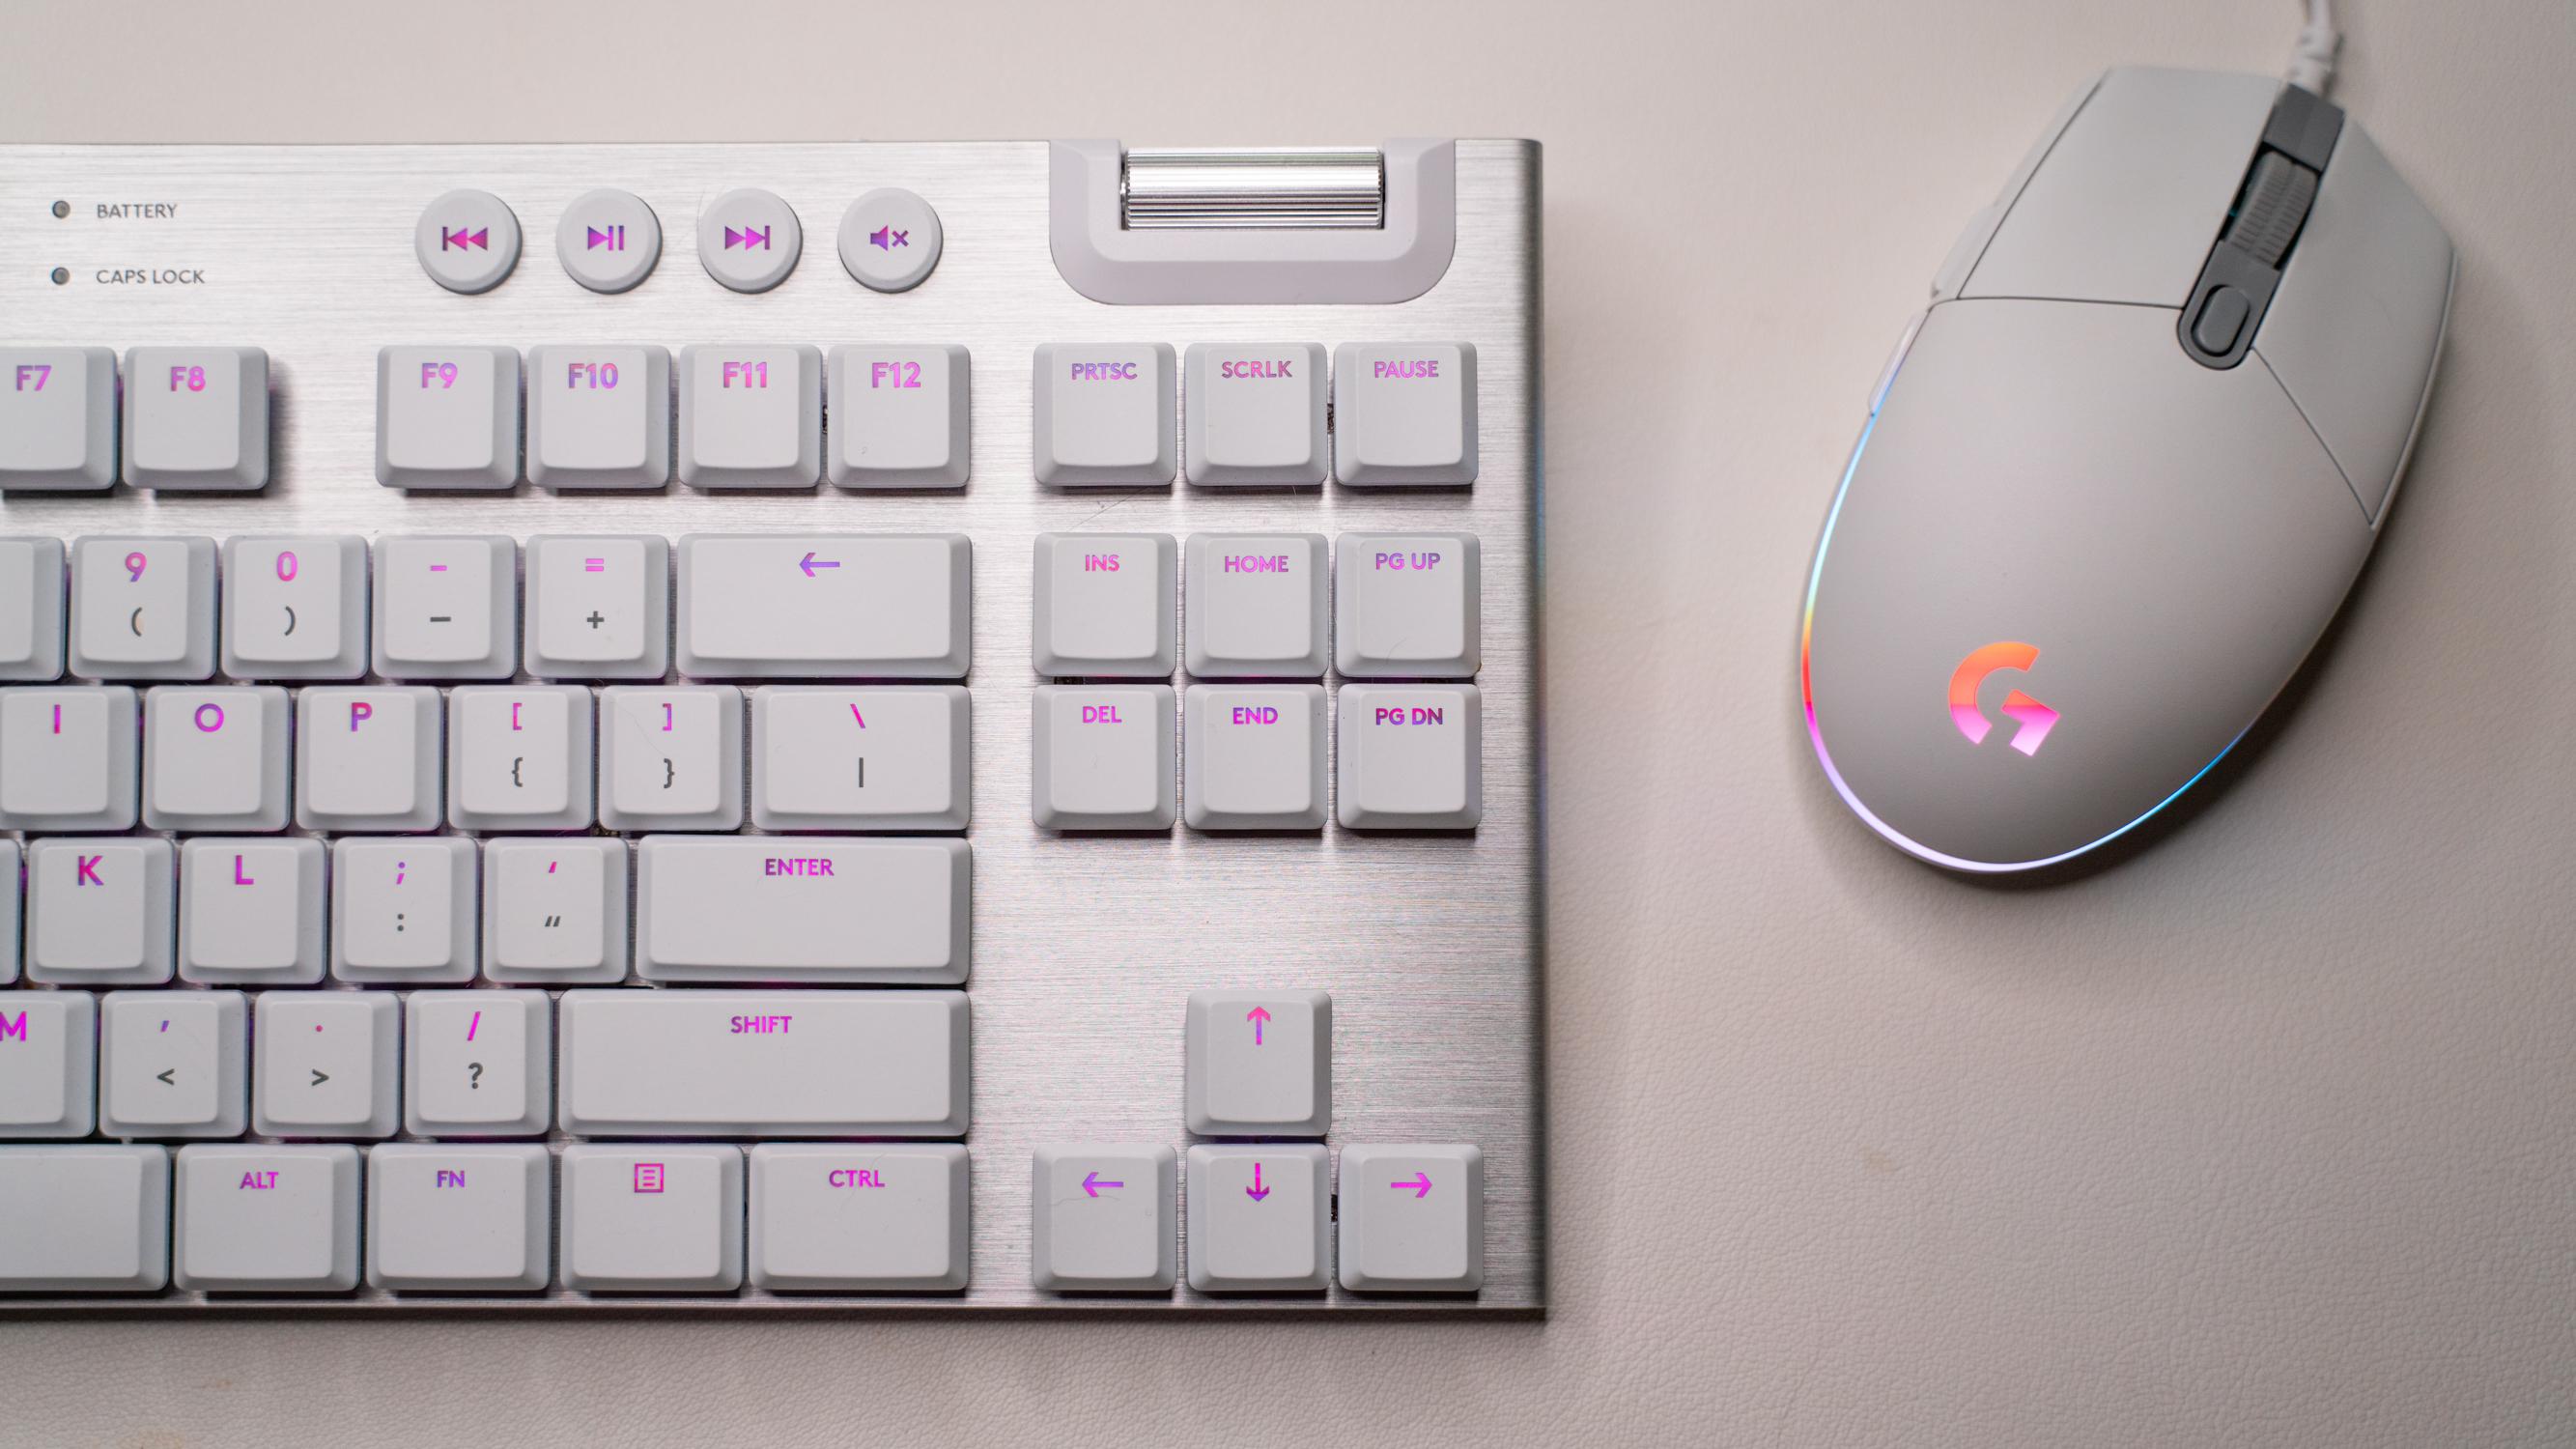 Logitech G915 TKL Lightspeed Gaming Keyboard